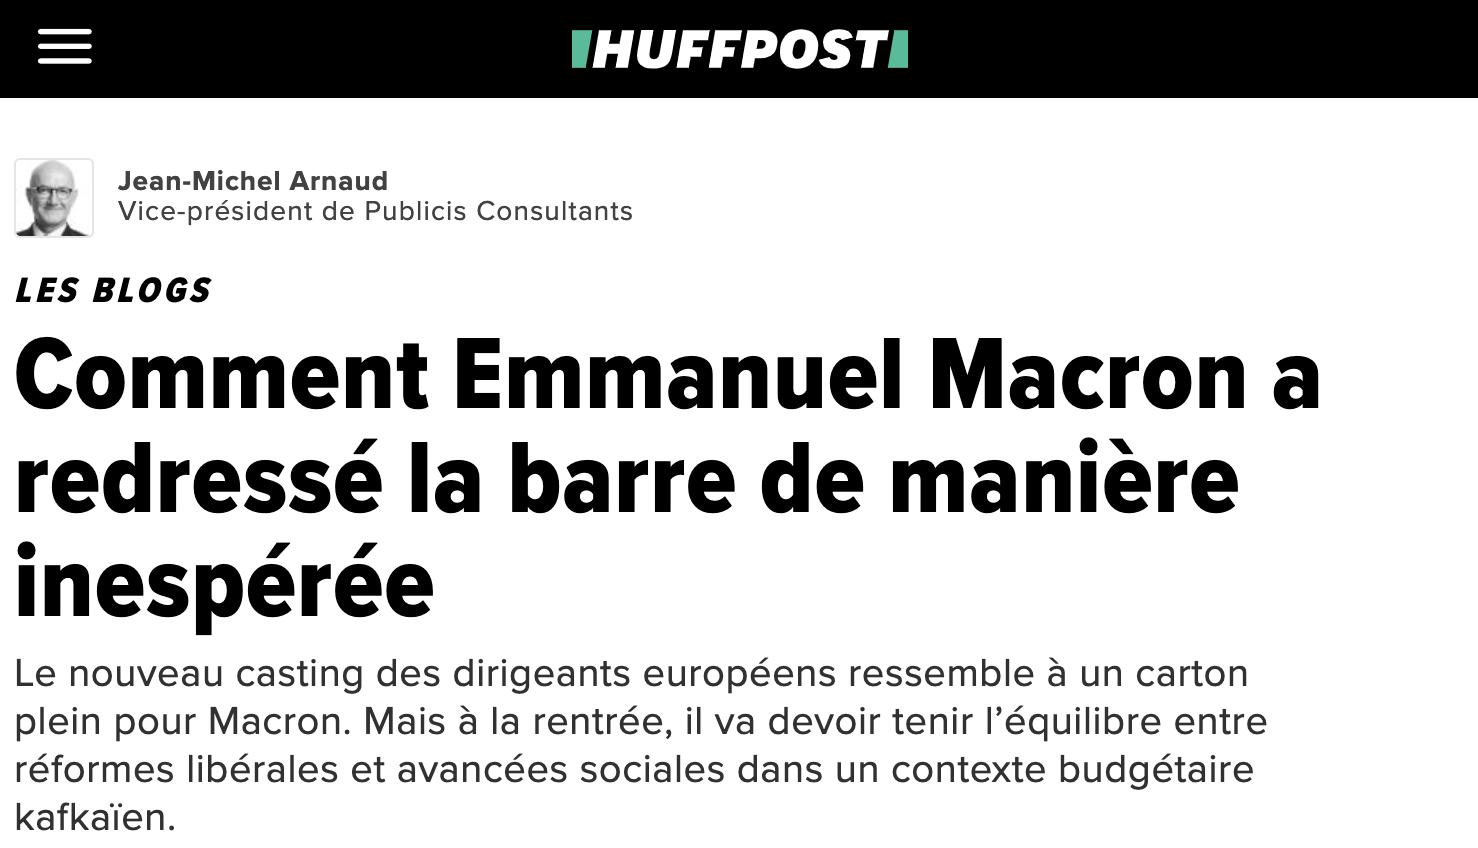 Comment Emmanuel Macron a redressé la barre de manière inespérée